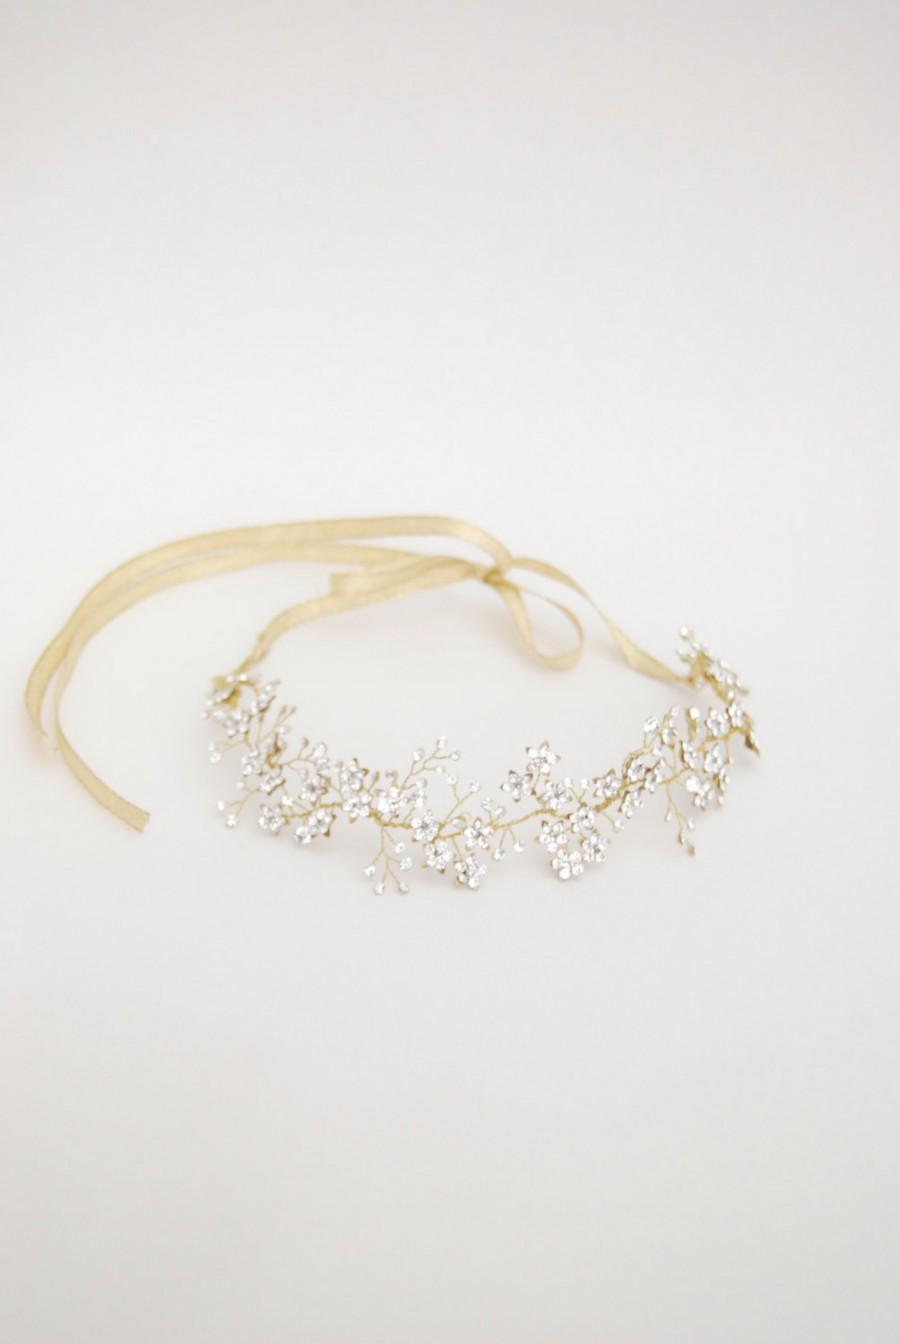 زفاف - Bridal hair vine, crystal flower halo, wedding headband, bride forehead band, crystal hair jewel, hair accessories, gold,silver,rose - Anais